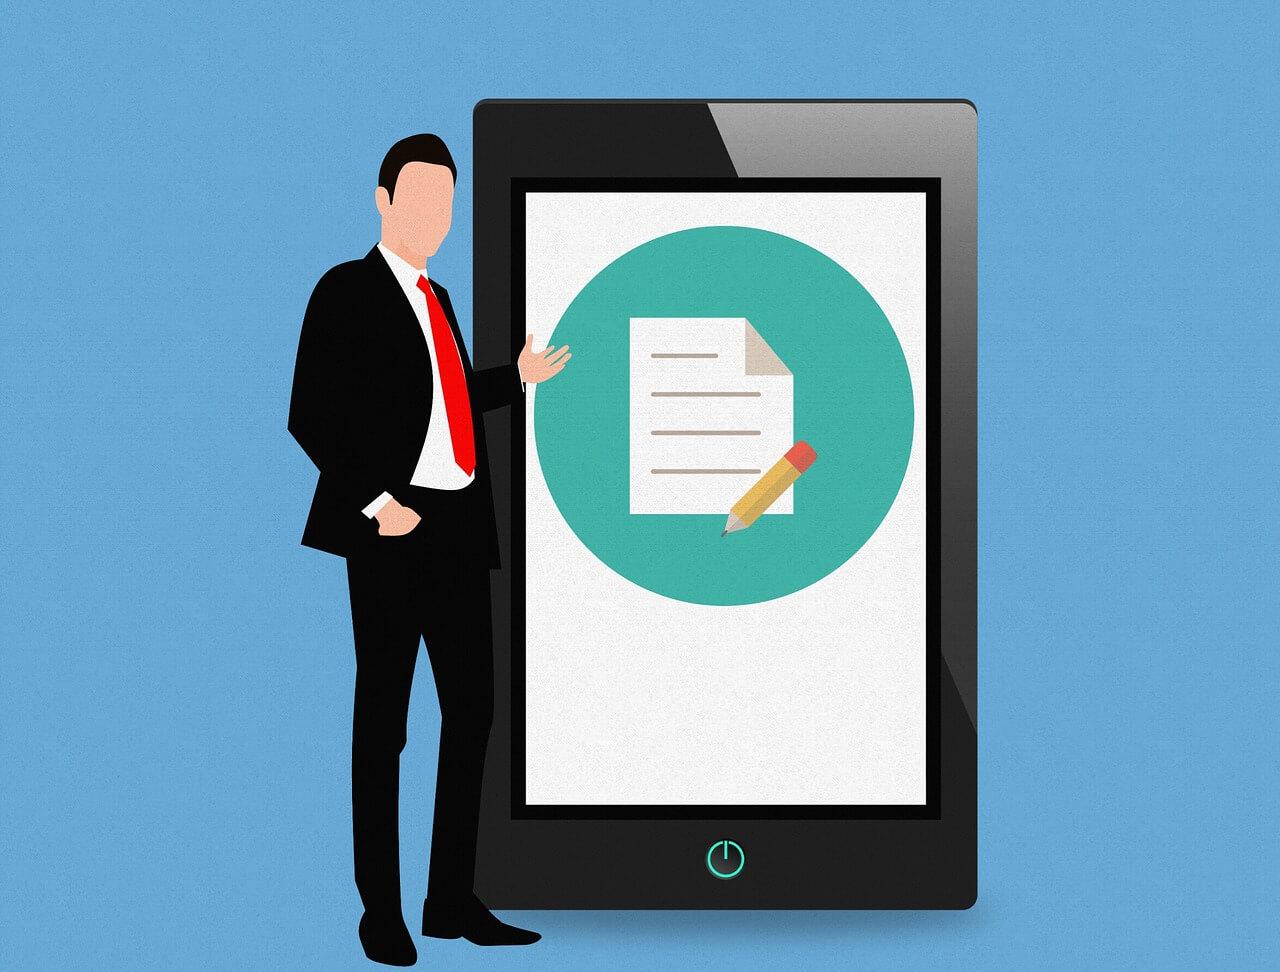 aplikasi note dan memo terbaik di android